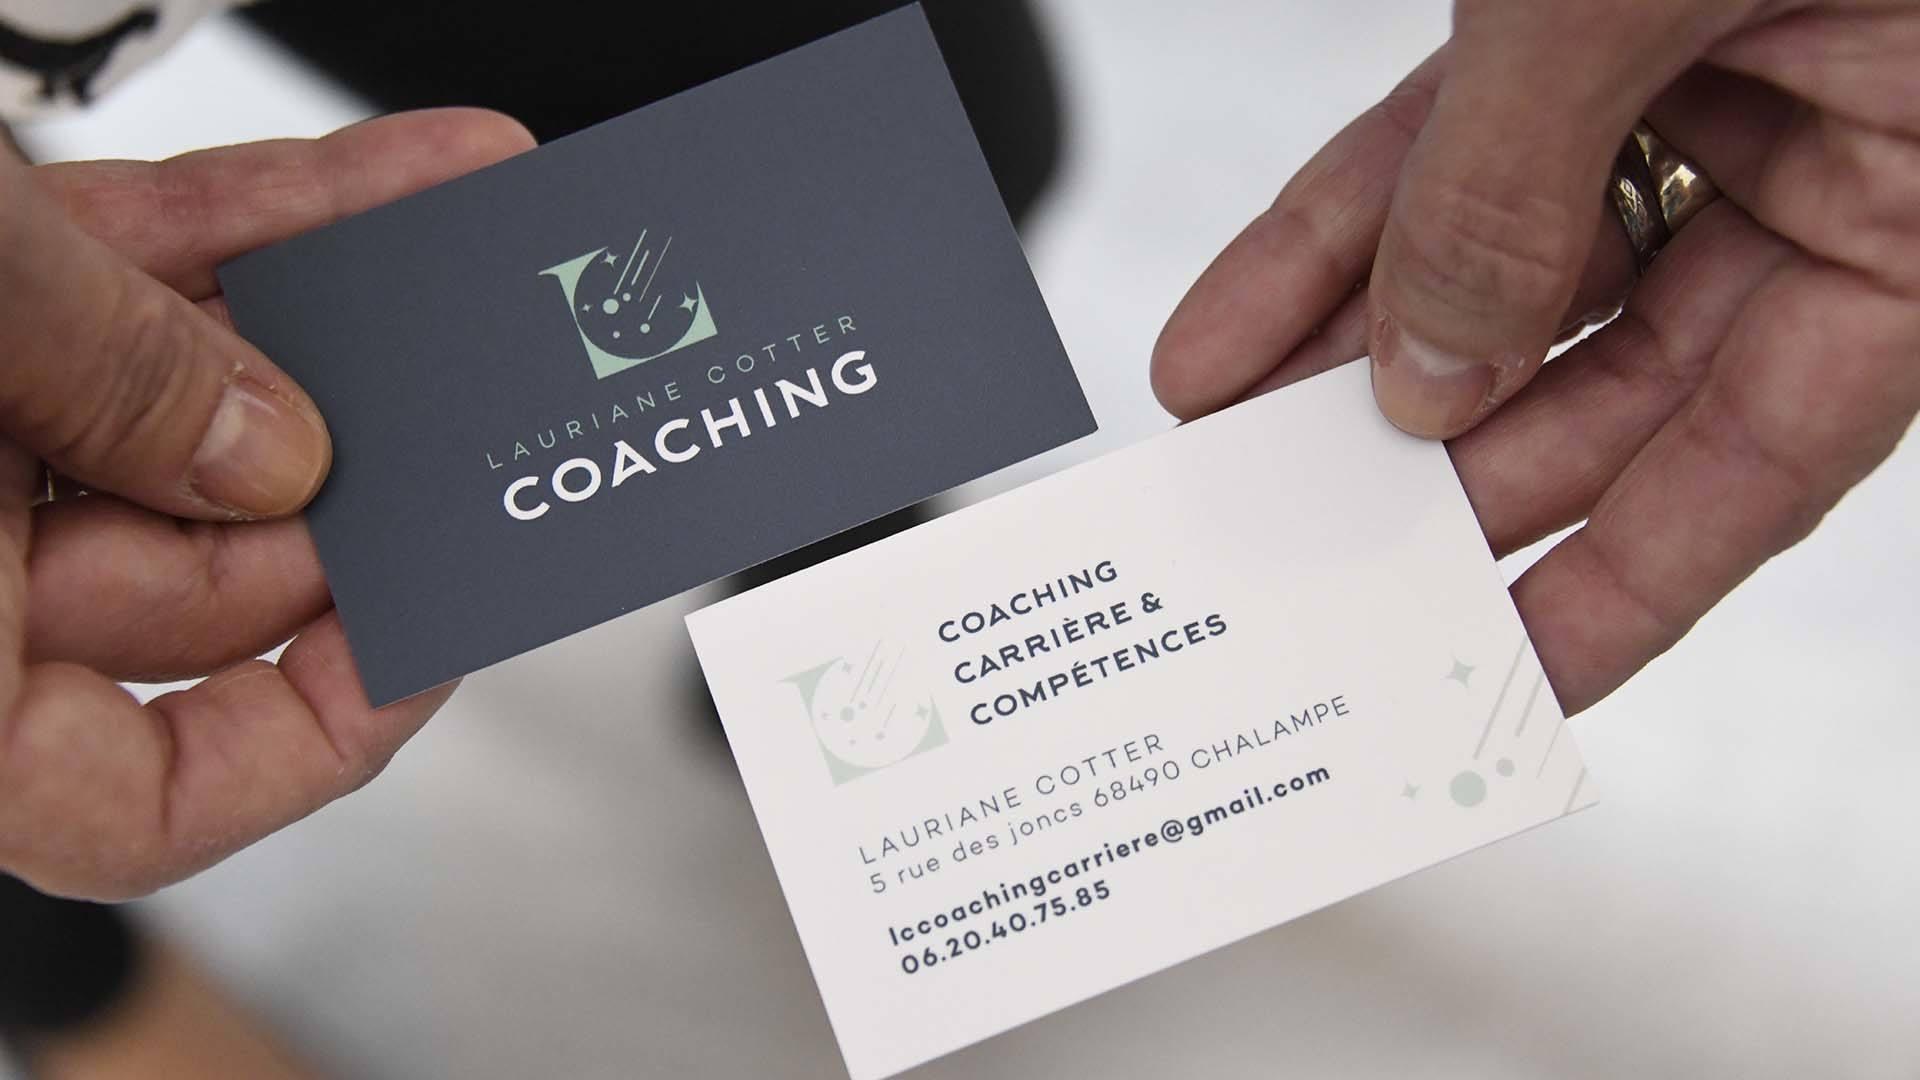 Lauriane Cotter, coaching carrière et compétences à Chalampé : Au programme : bilan de compétences et coaching emploi